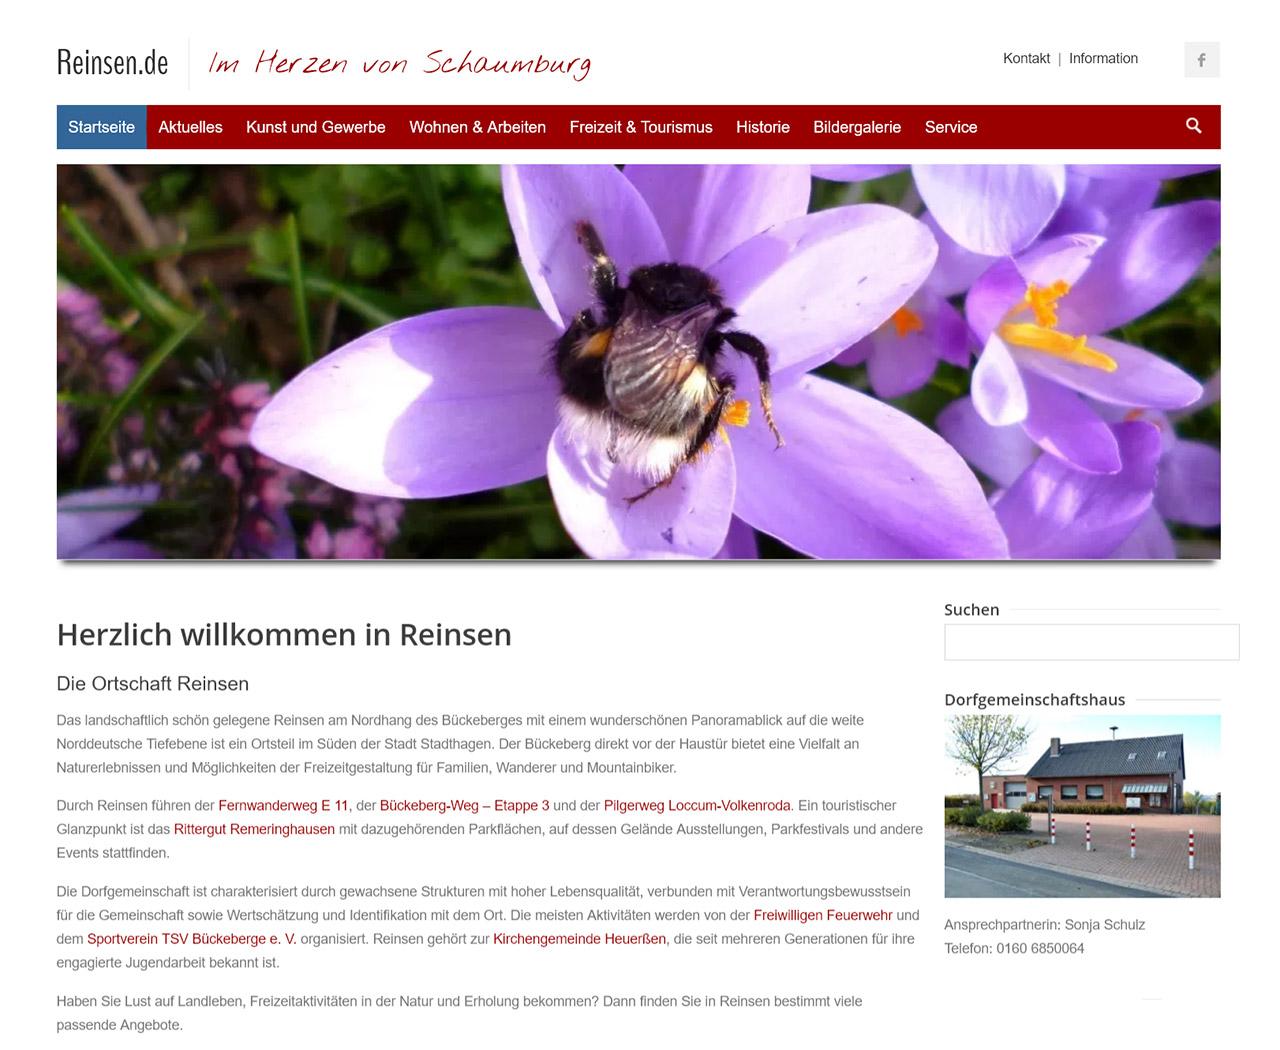 Reinsen - Im Herzen von Schaumburg